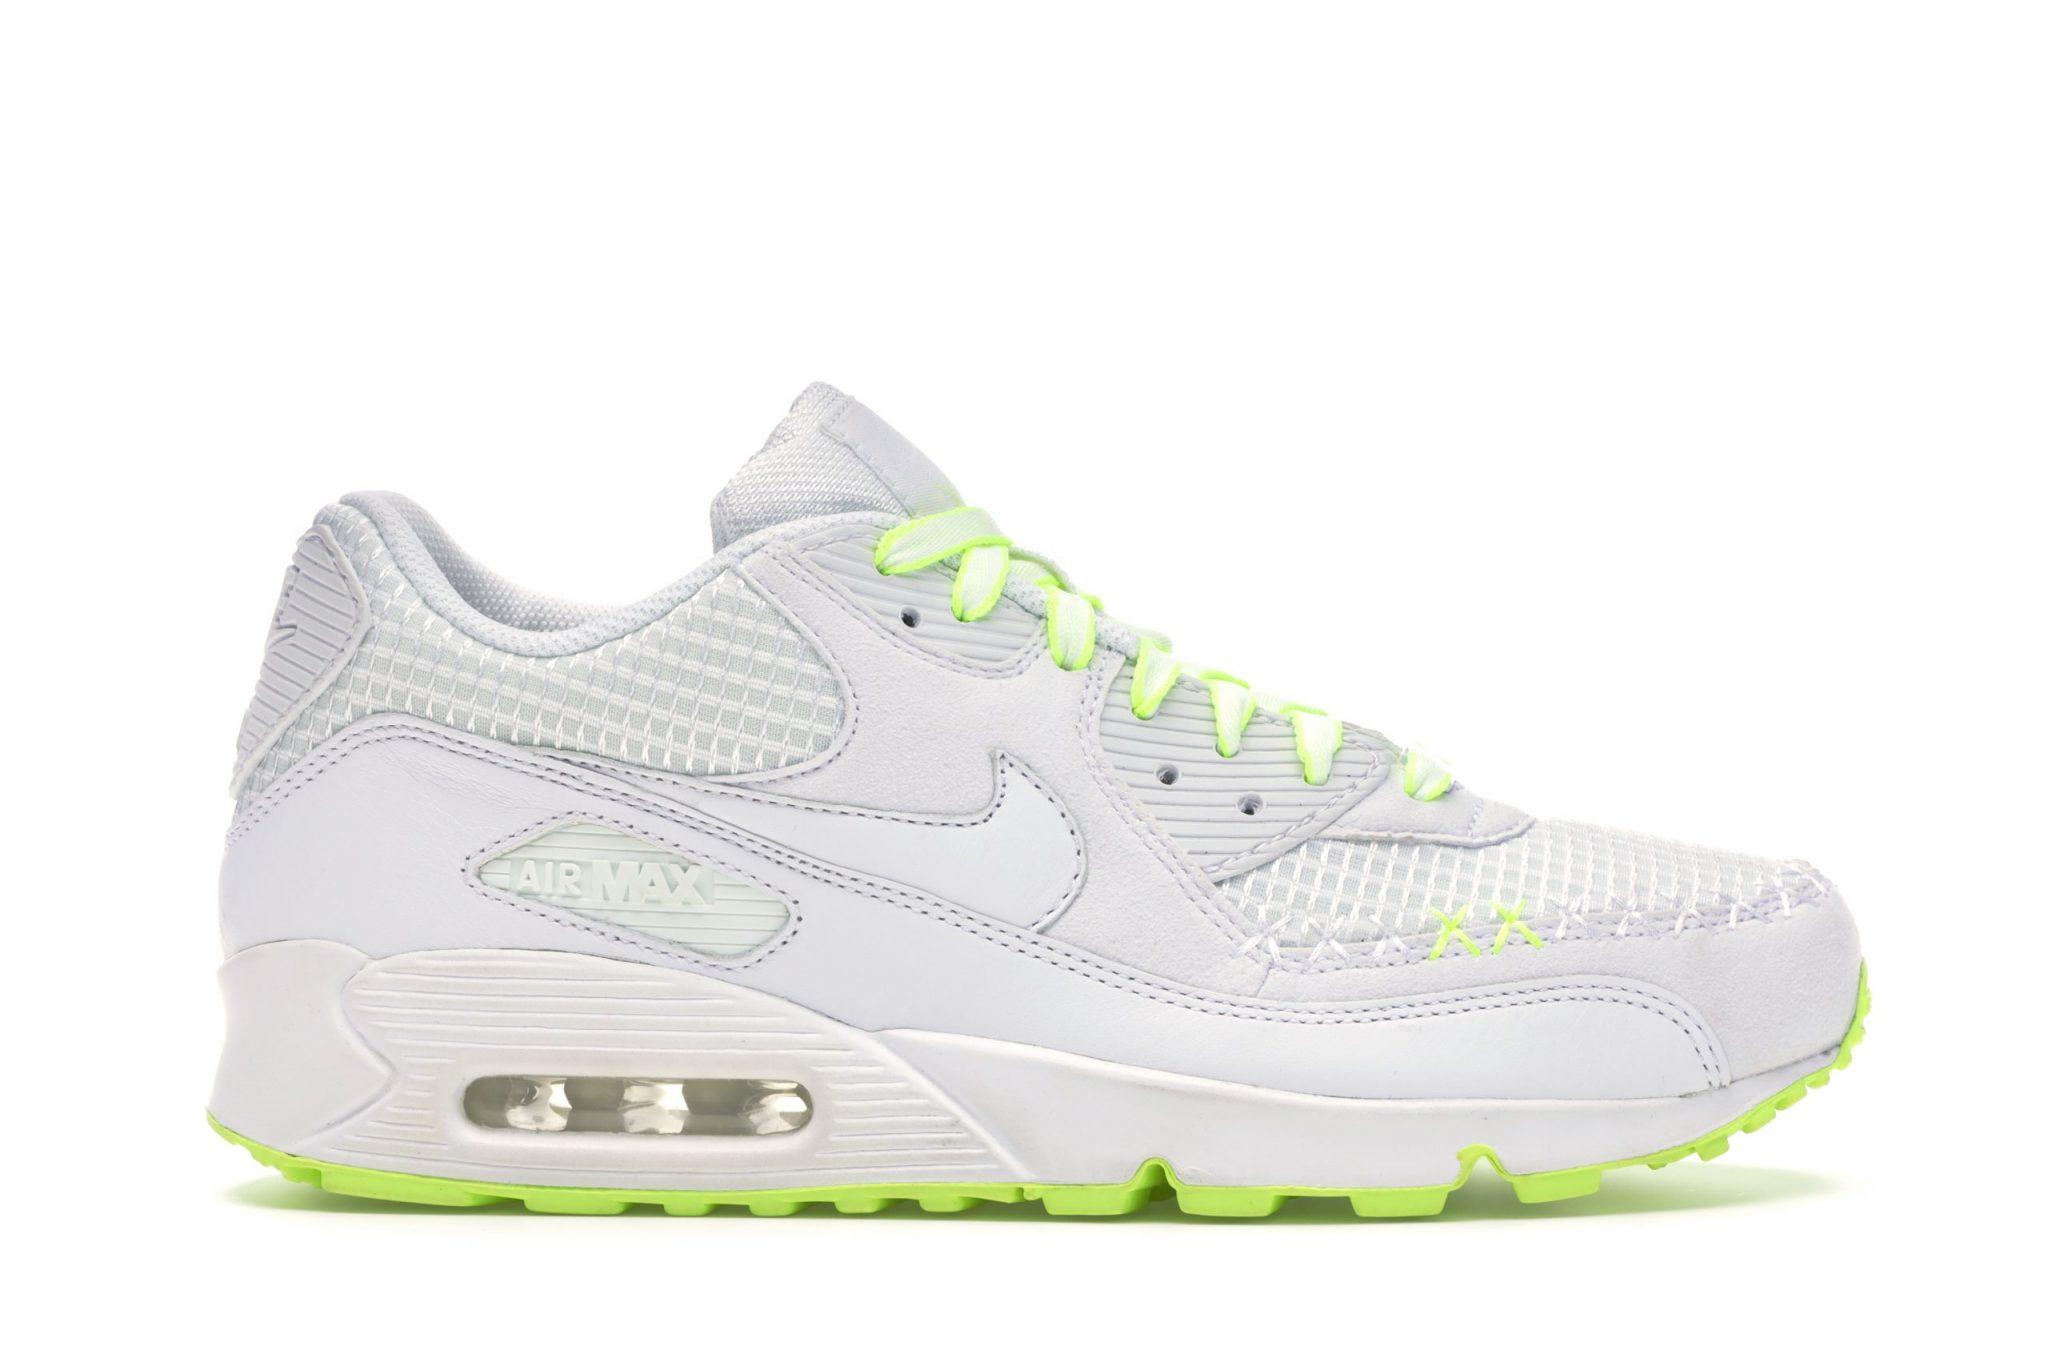 Nike-Air-Max-90-Kaws-White-Volt_01